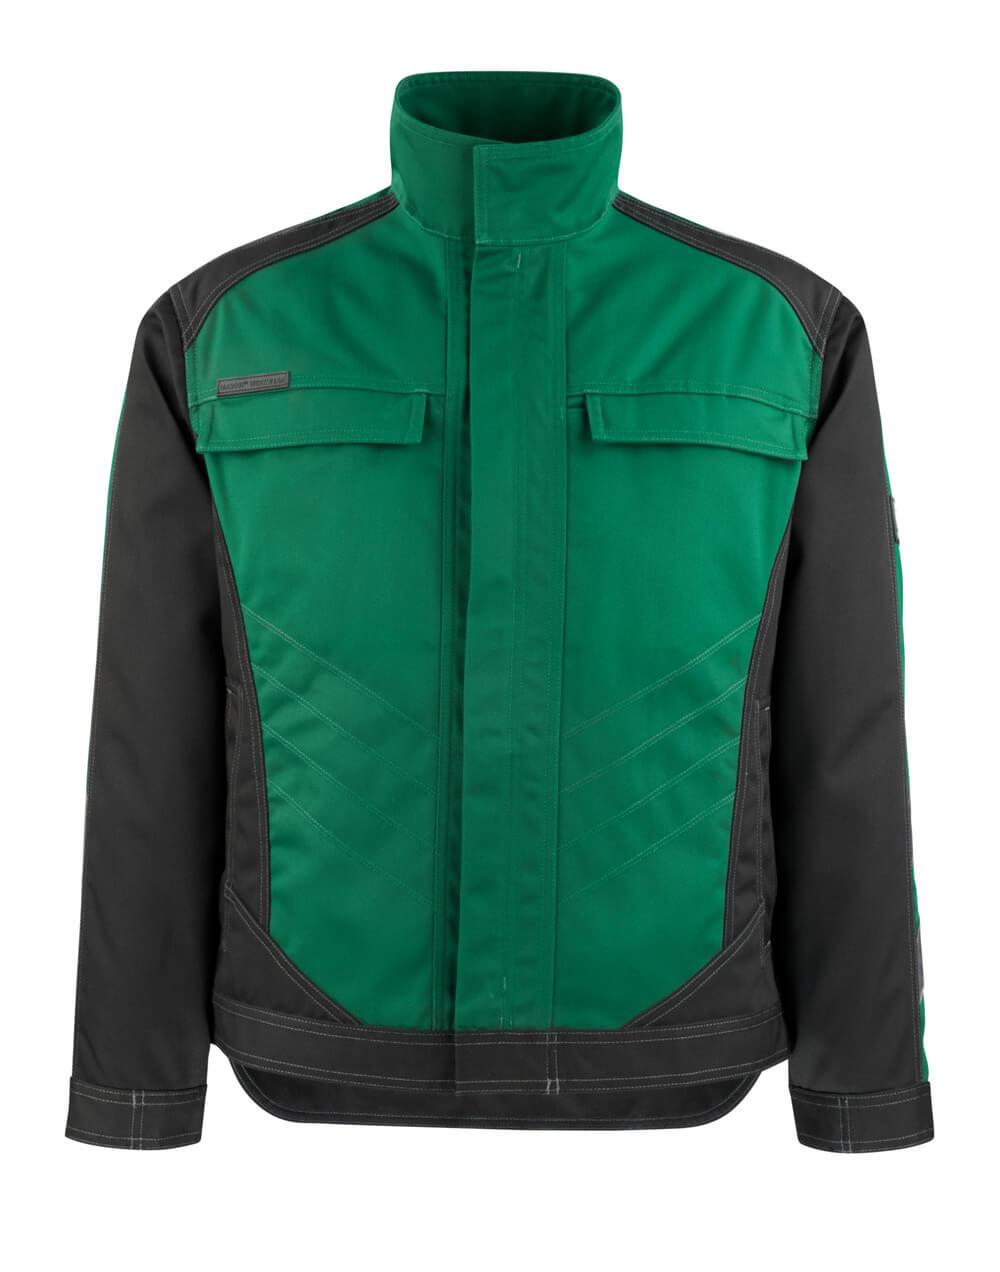 12009-203-0309 Takki - vihreä/musta